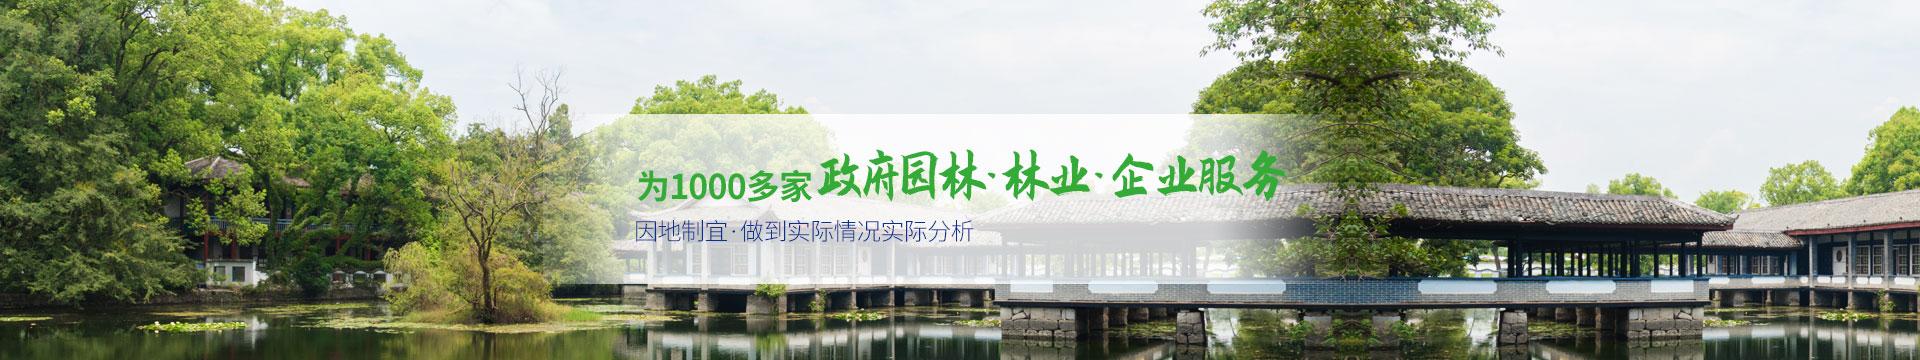 碧然美-为1000多家政府园林,林业,企业服务